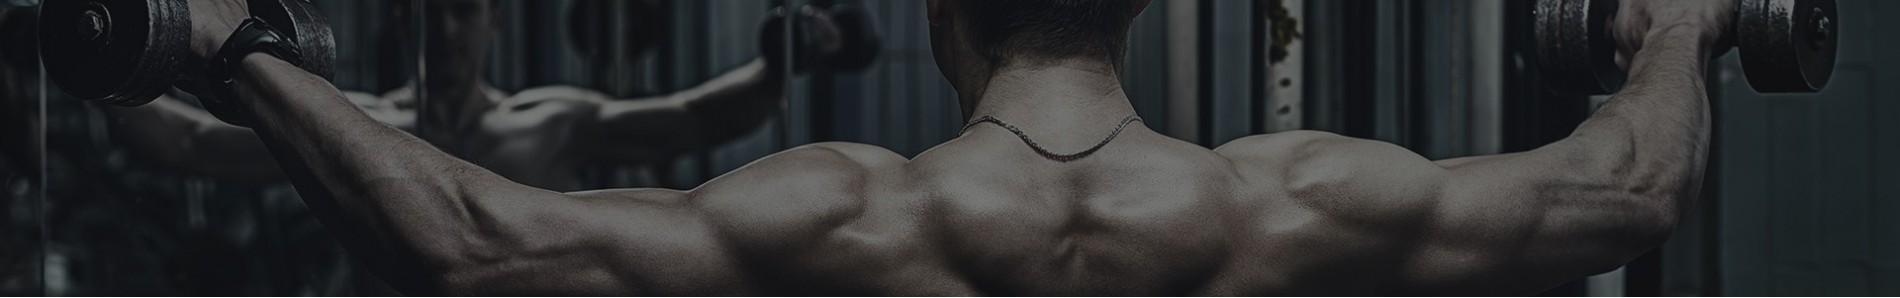 Bancs de musculation